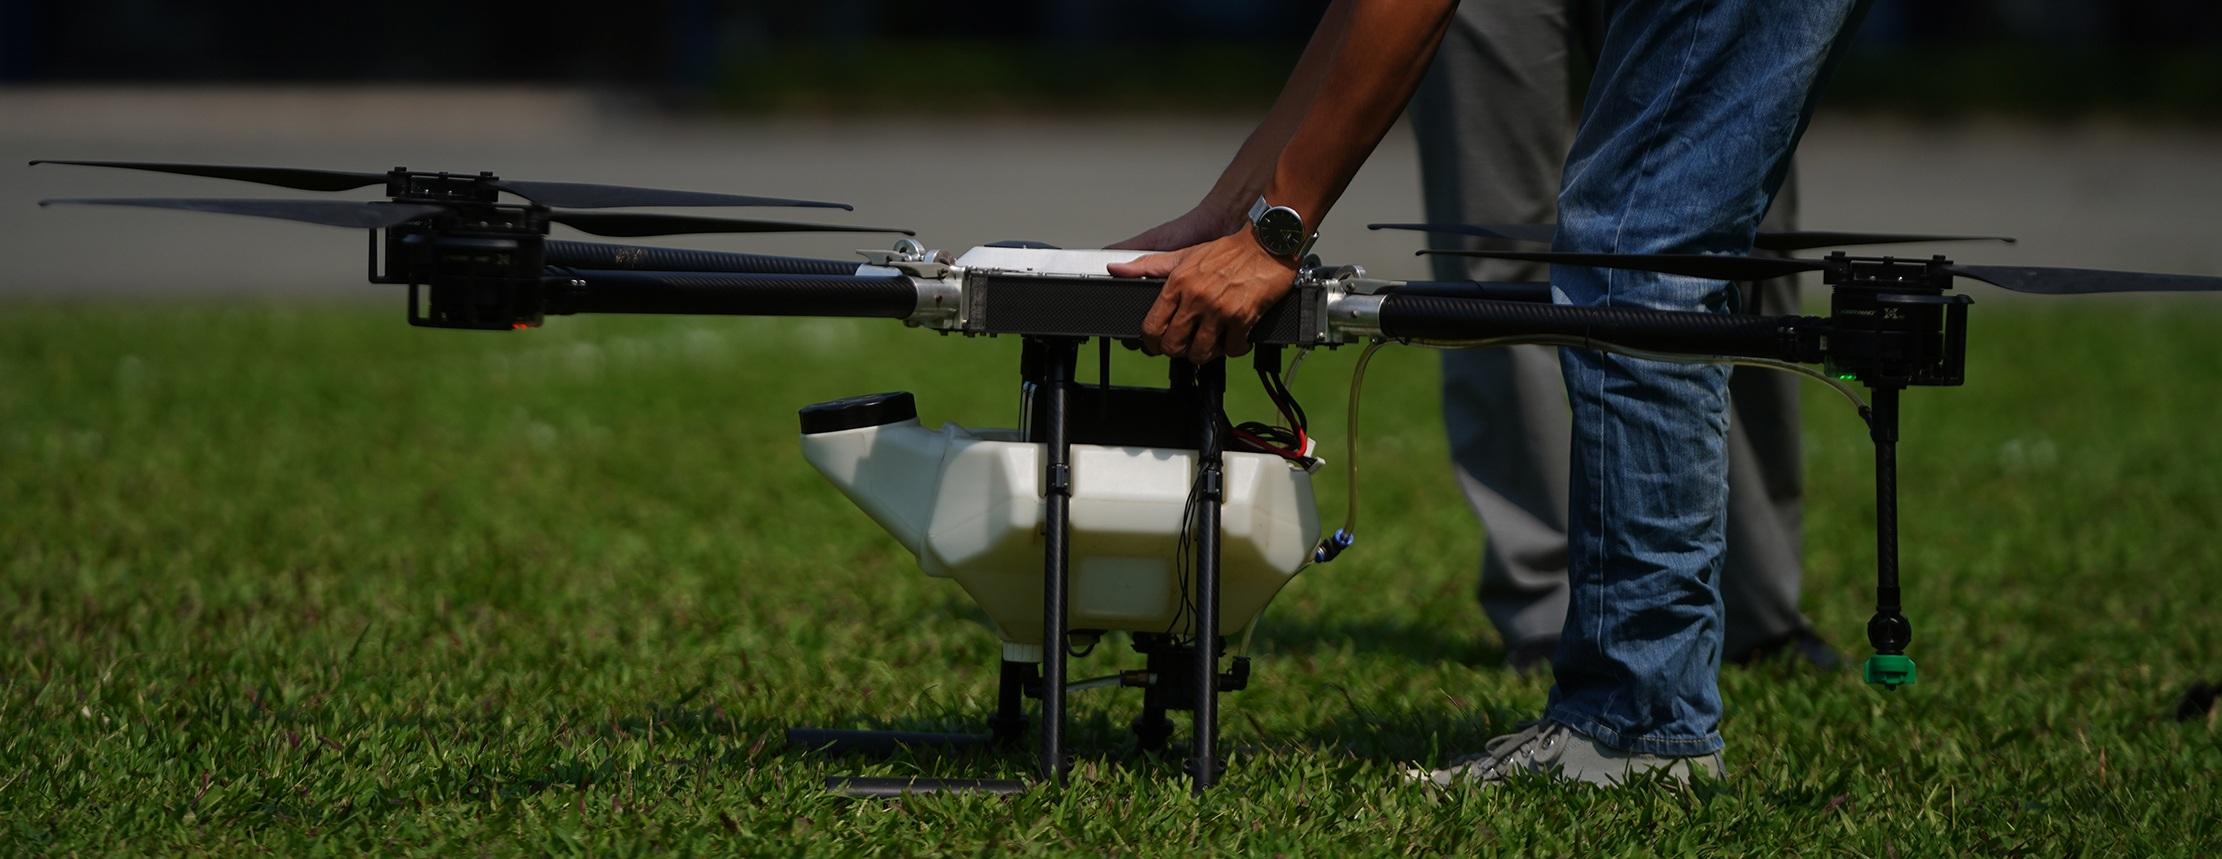 Phó giáo sư 37 tuổi chế tạo máy bay dành cho nhà nông - 16